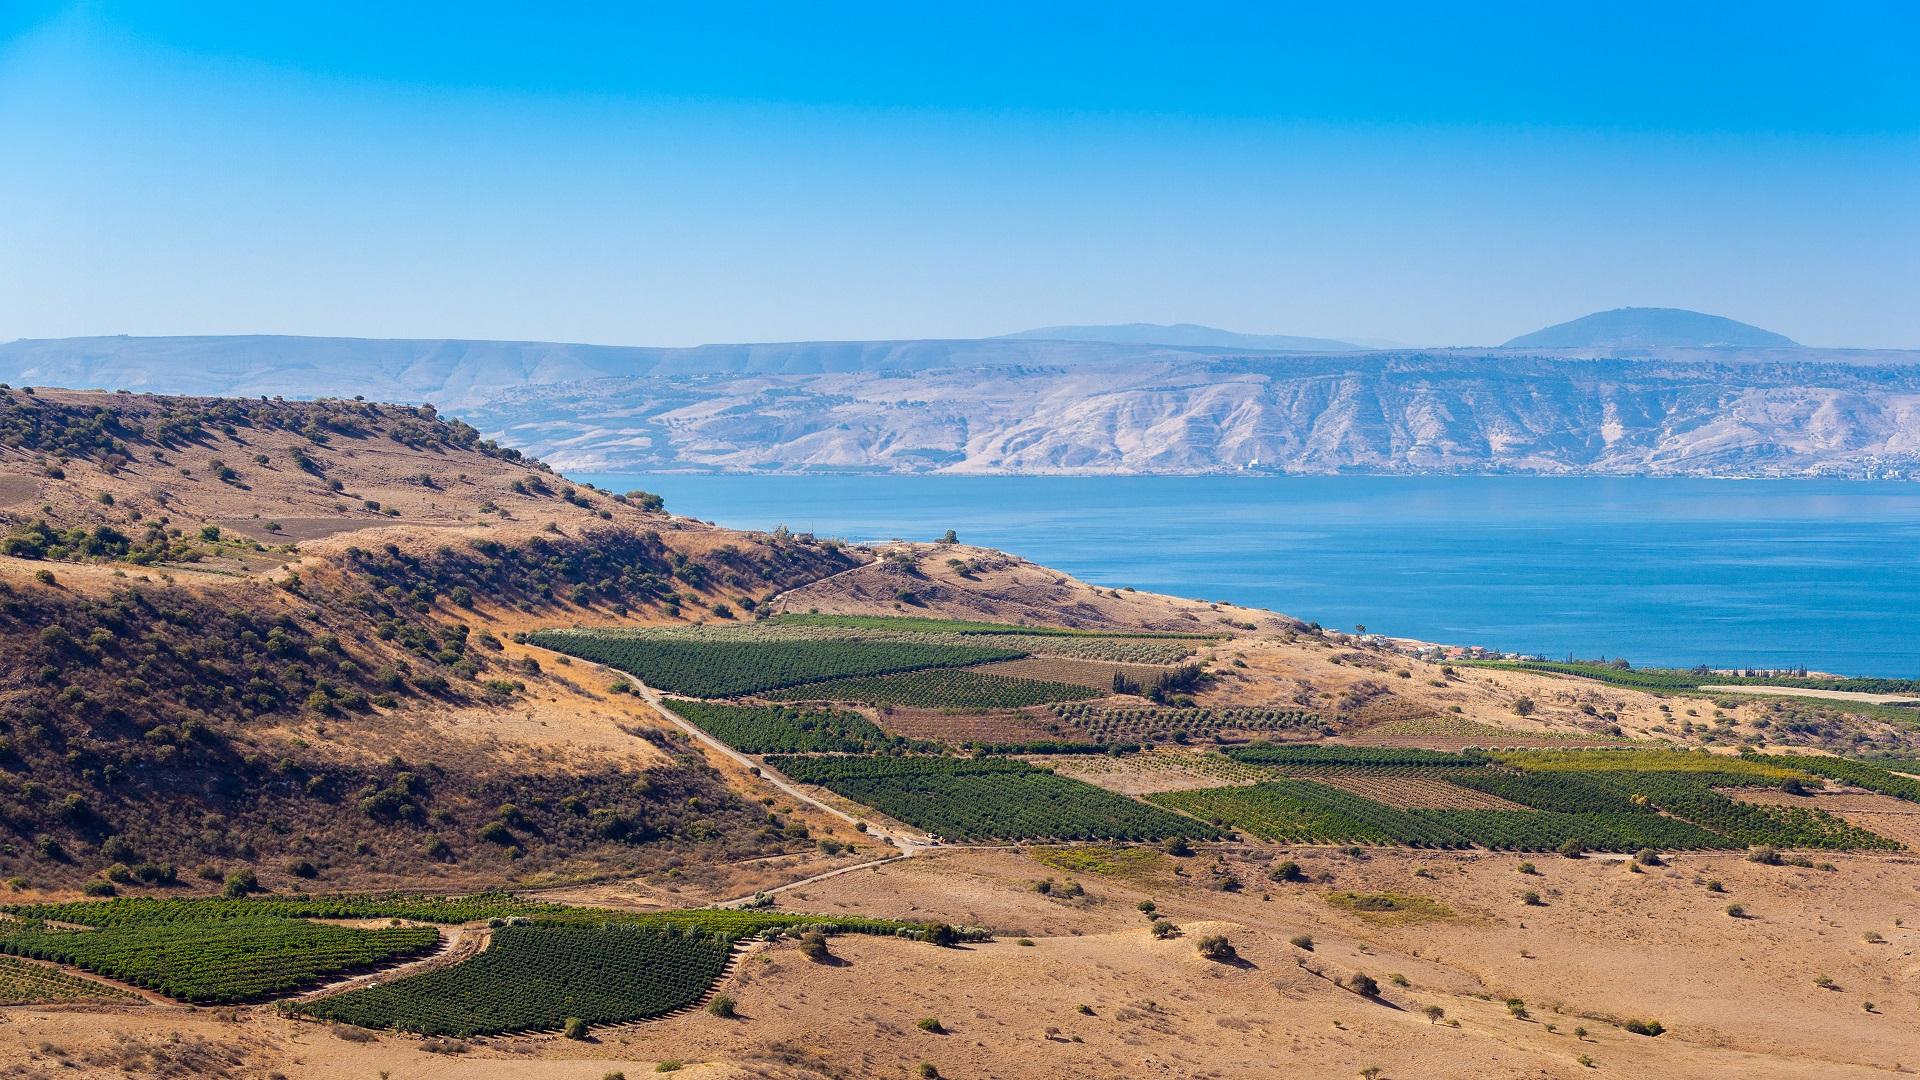 Het meer van Galilea in Israël